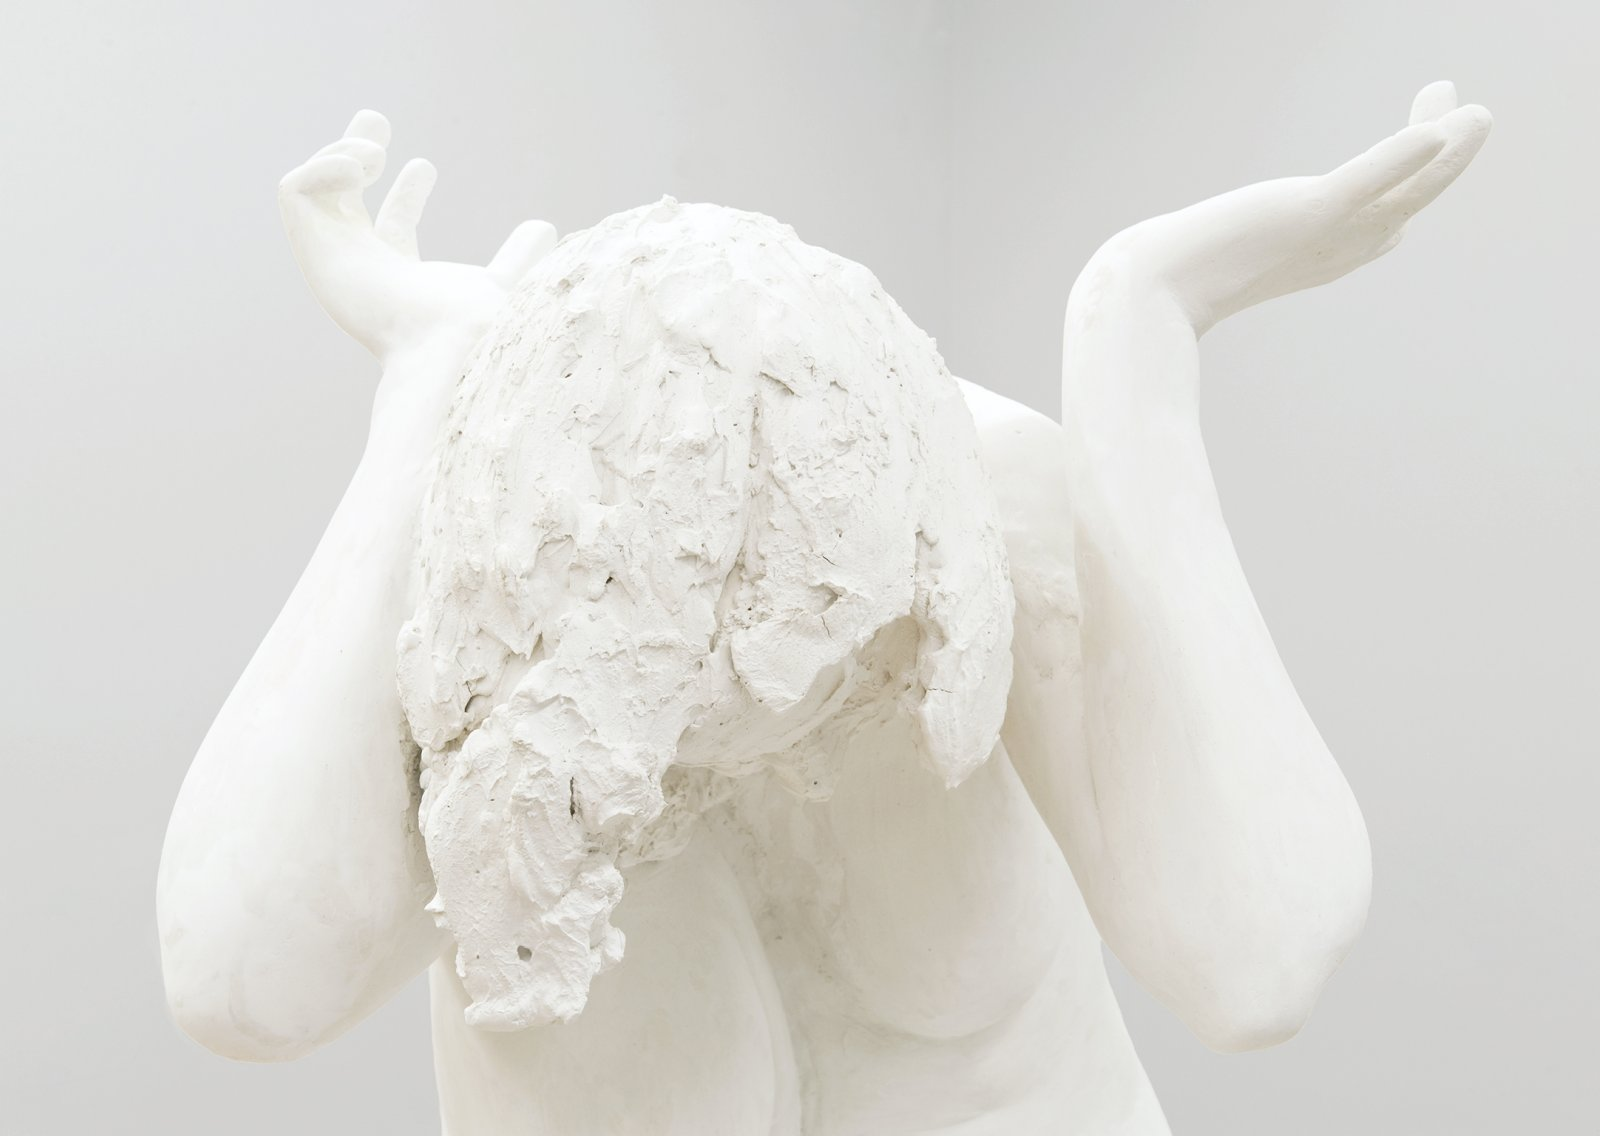 Damian Moppett, Fallen Caryatid (detail), 2006, plaster, 72 x 36 x 38 in. (183 x 91 x 97 cm) by Damian Moppett